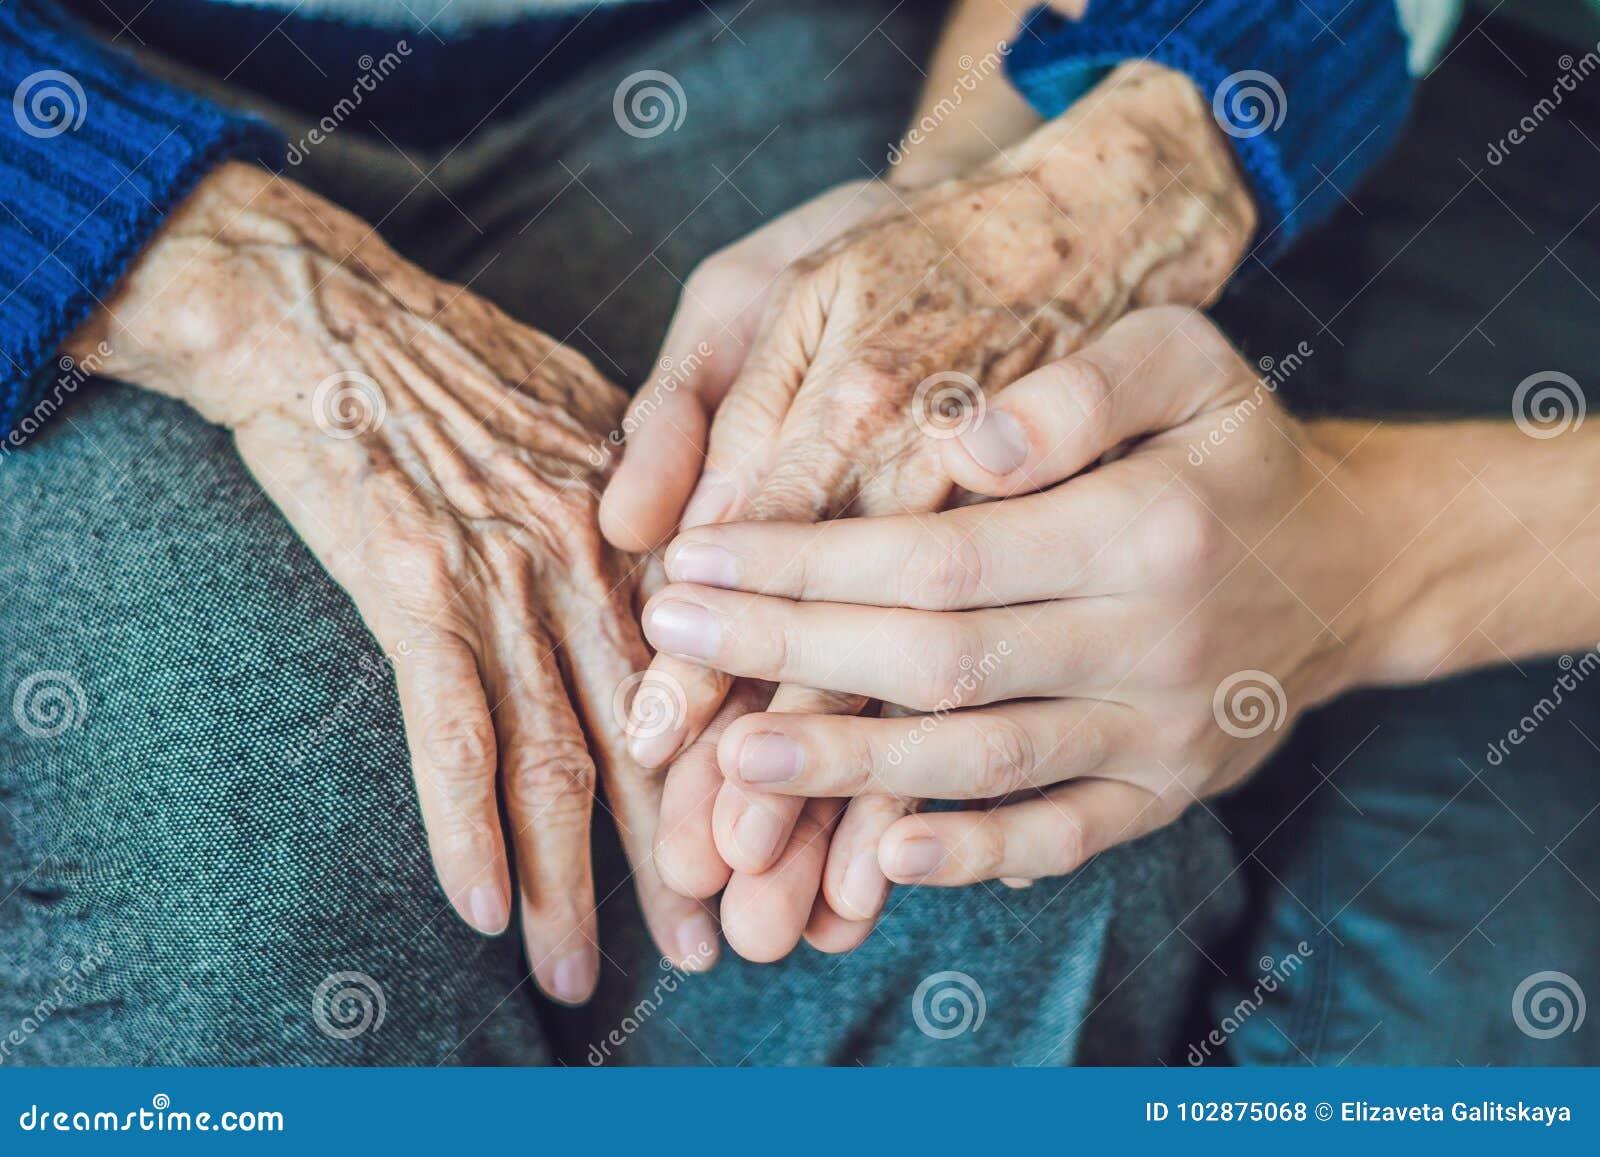 Handen van een oude vrouw en een jonge man Het geven voor de bejaarden C